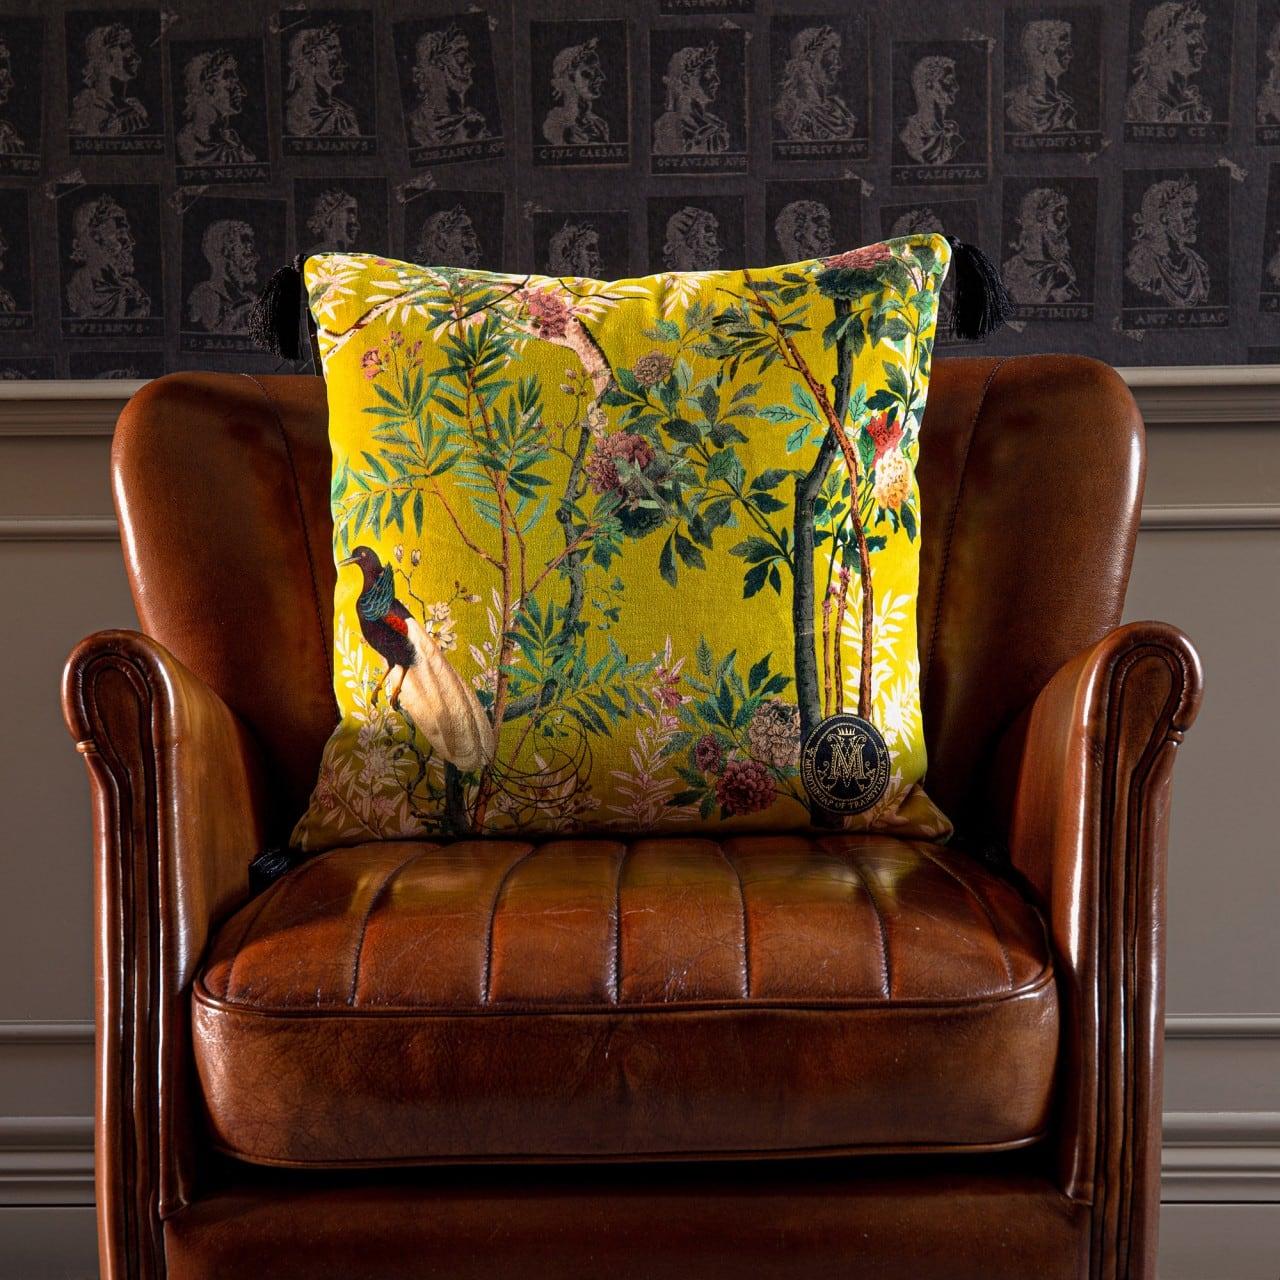 Μαξιλάρι Διακοσμητικό (Με Γέμιση) Royal Garden LC40056 MindTheGap 50X50 100% Βαμβάκι